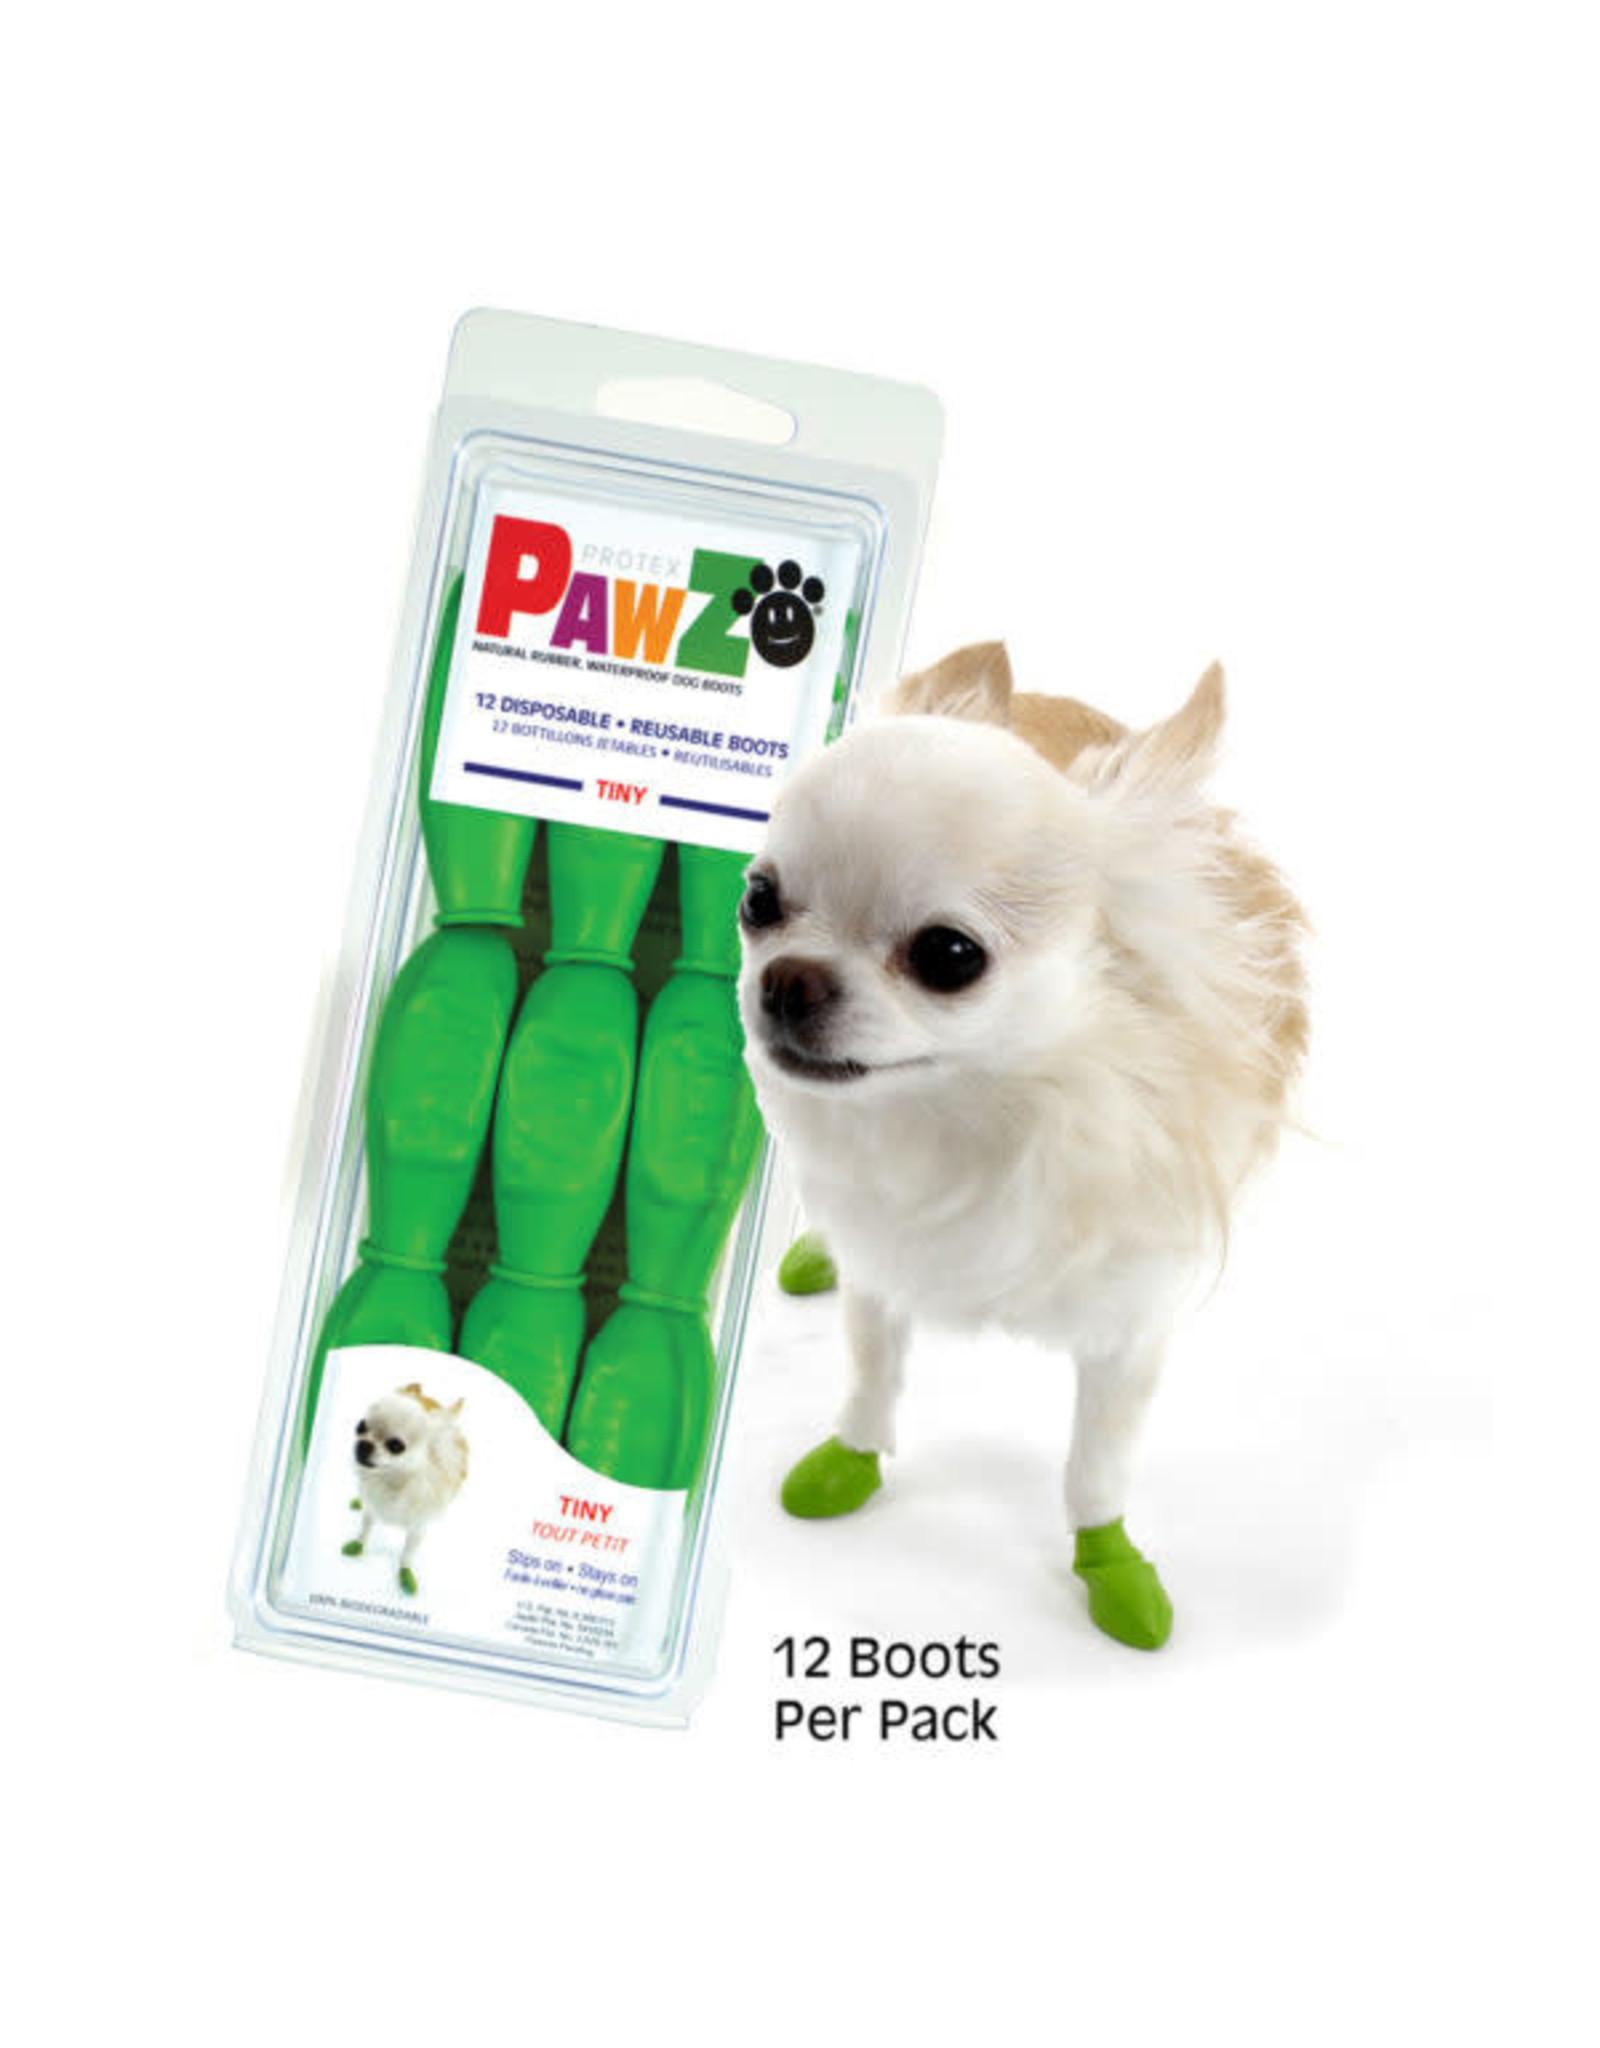 PAWZ Boots - Tiny 12pk